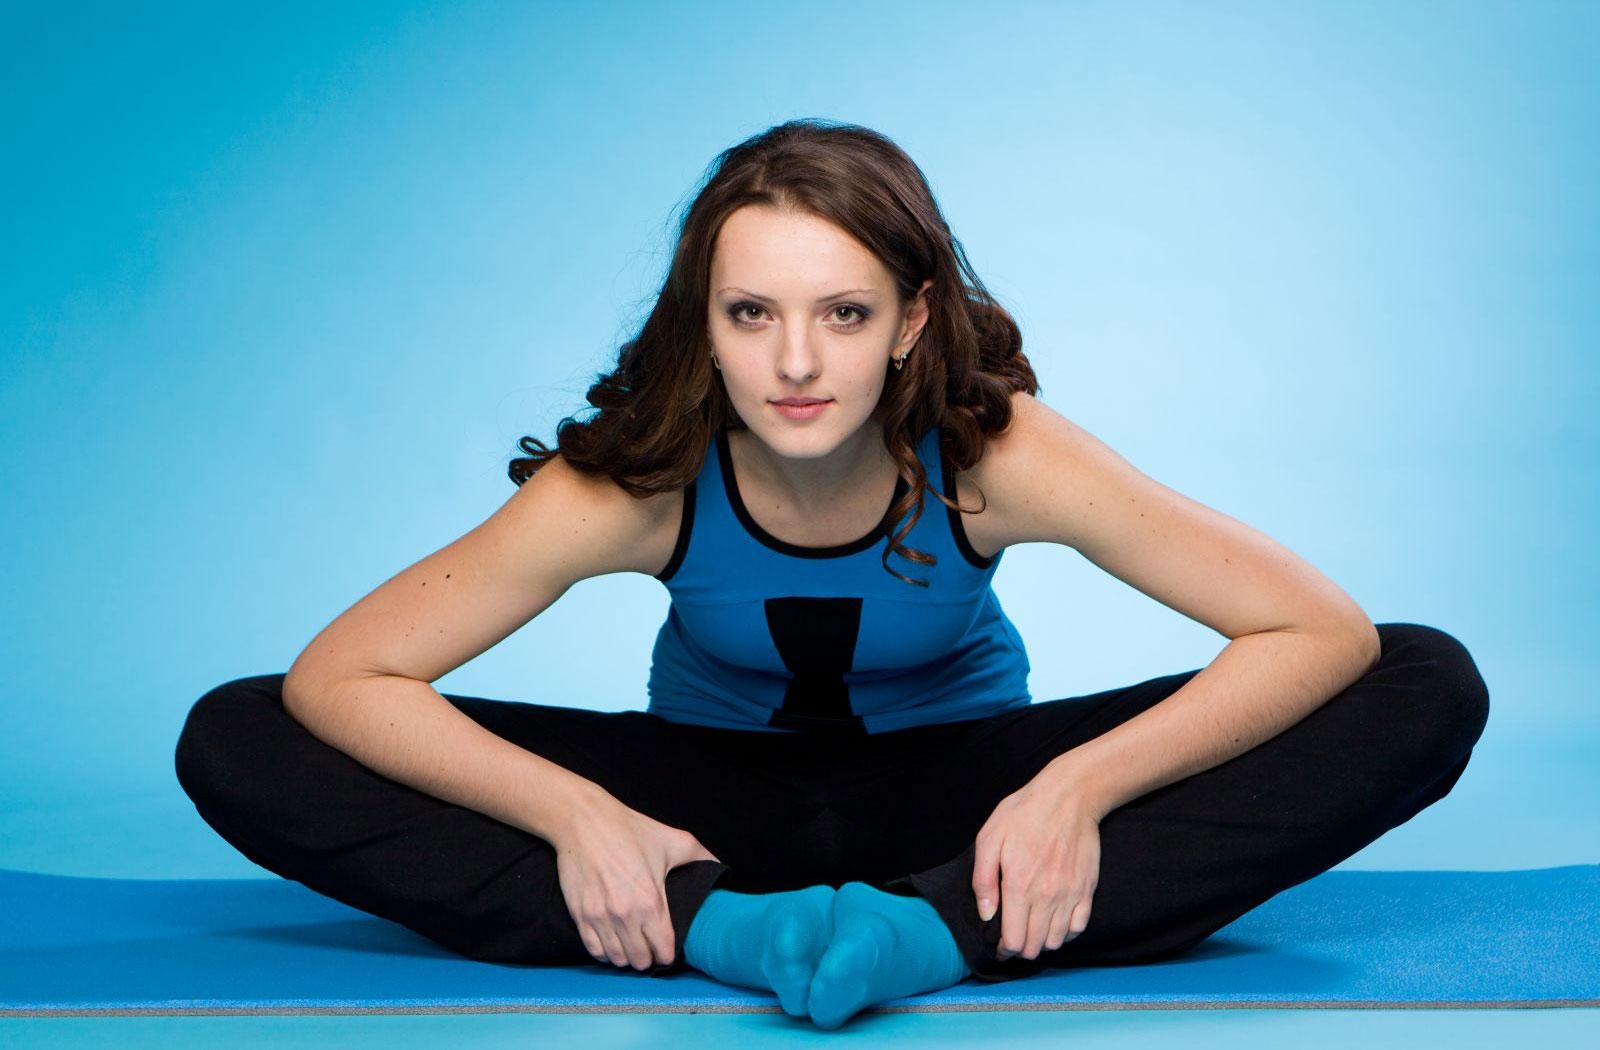 Гимнастика Помогает Похудеть. Простые и эффективные упражнения для снижения веса в домашних условиях